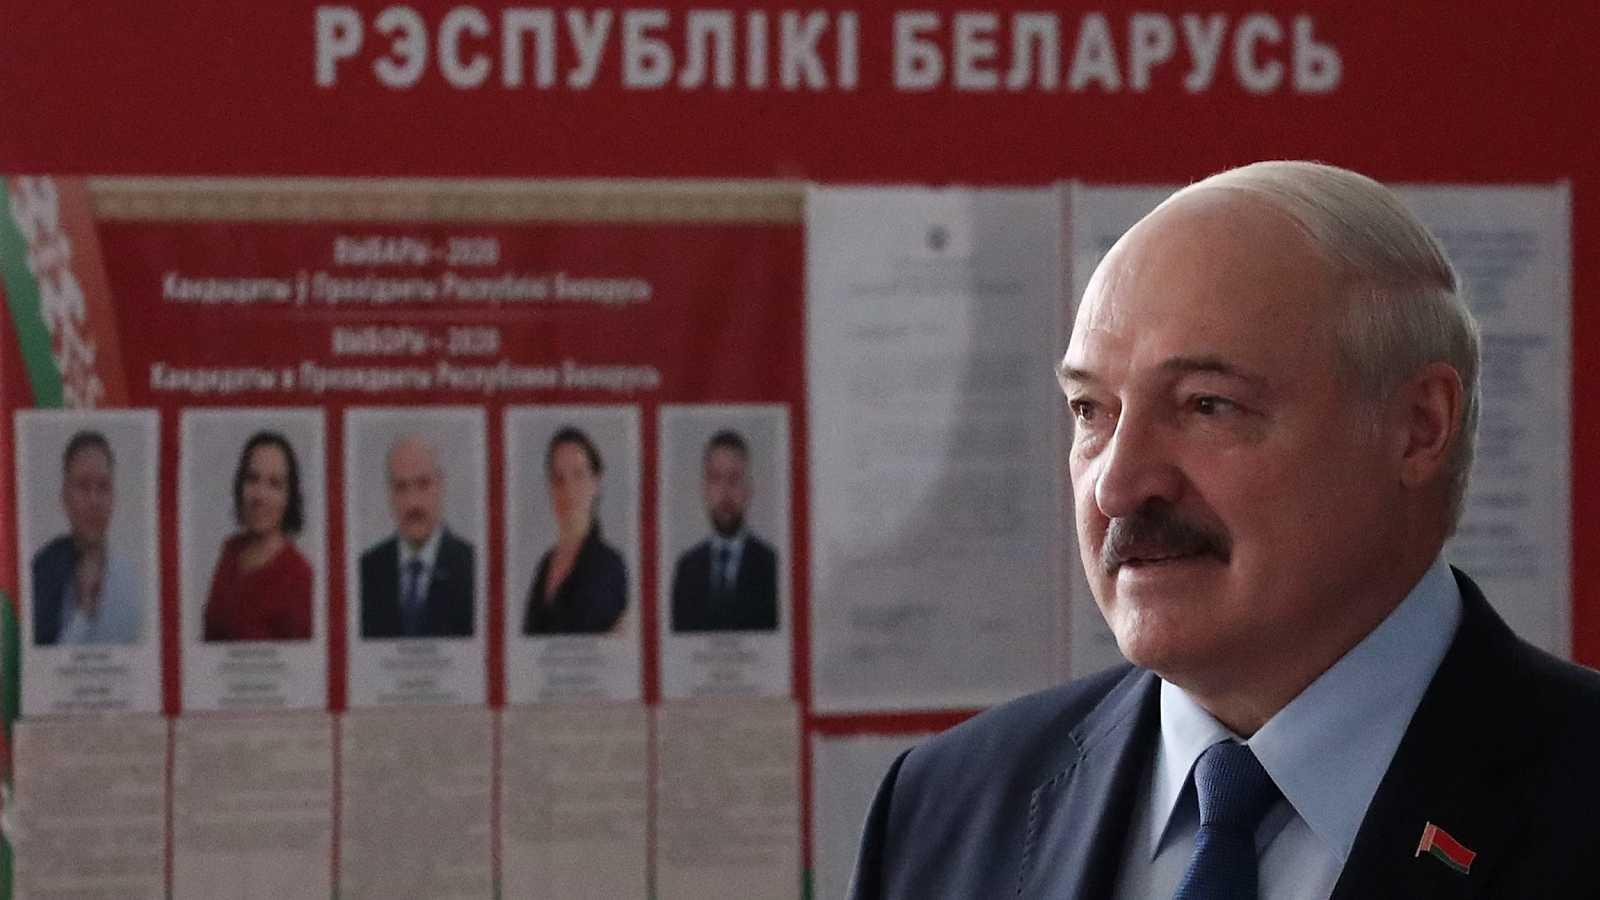 Reelegido el presidente de Bielorrusia, Alexandr Lukashenko, con más del 80% de los votos